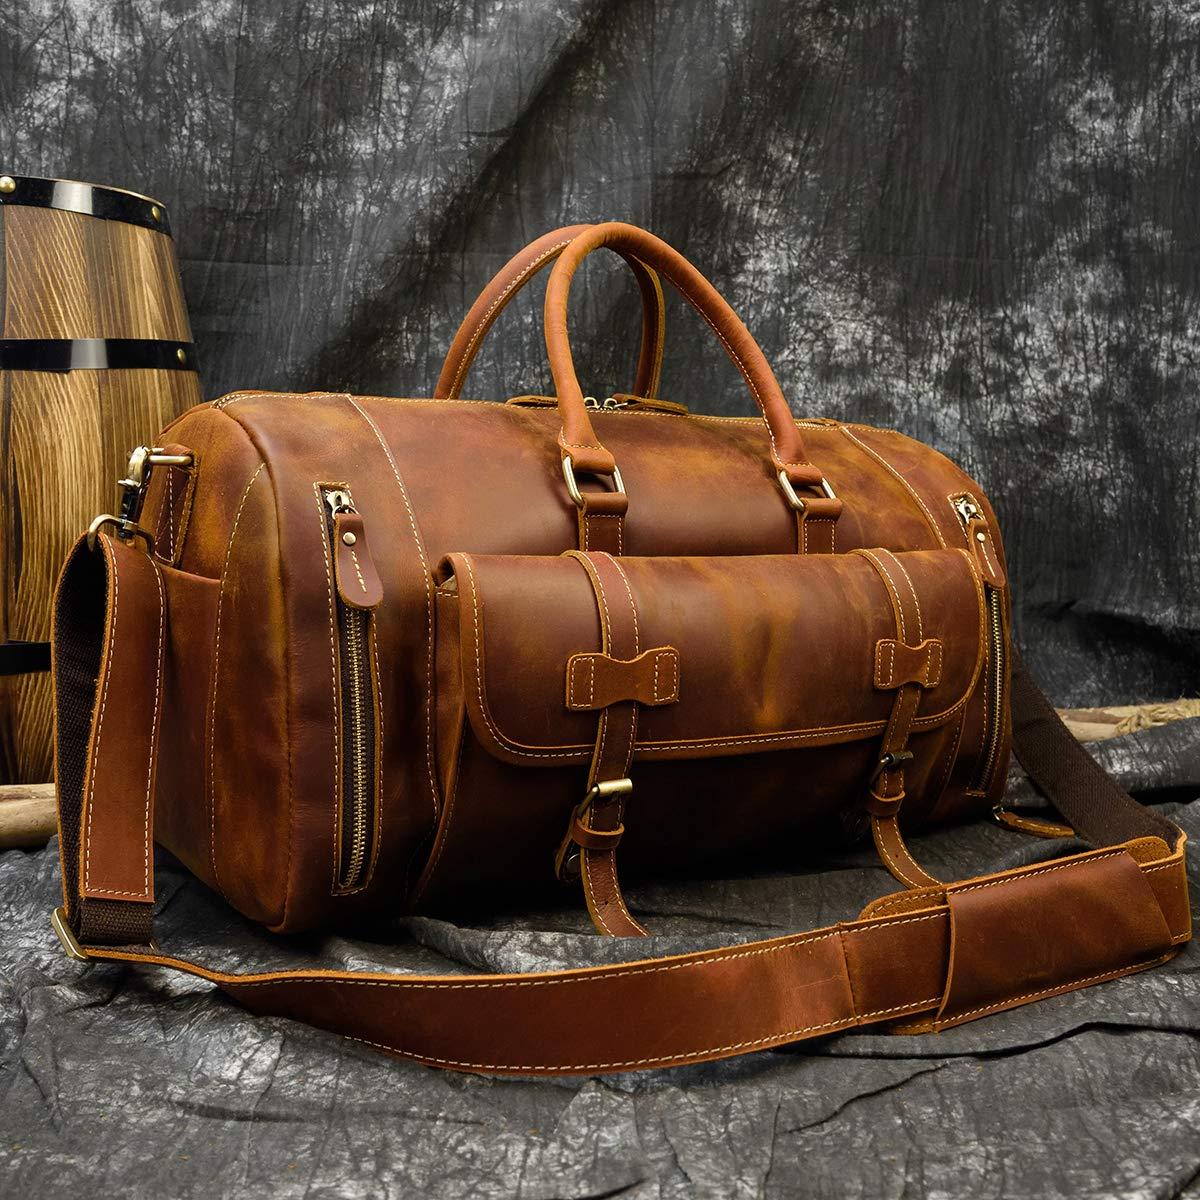 Dark Brown-52cm LUUFAN Bolso De Viaje Nocturno De Cuero Genuino para Hombres Bolso de Lona Bolsa de Fin de Semana Vintage de Alta Capacidad